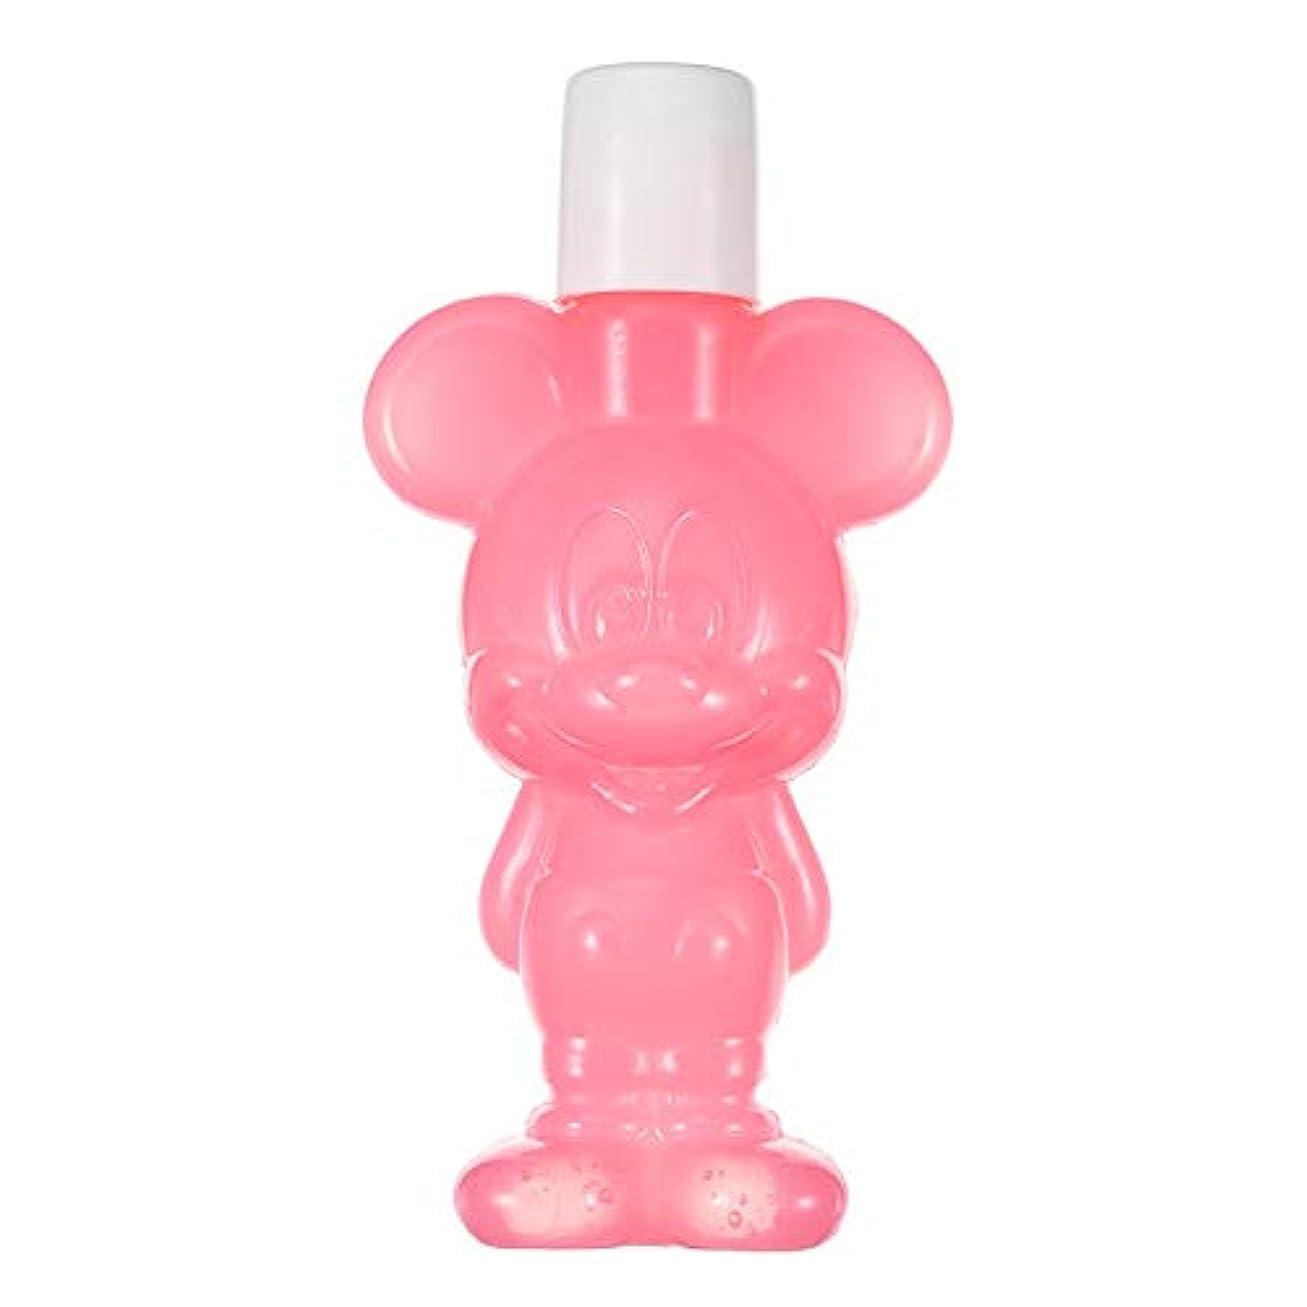 手順アトミック不適切なディズニーストア(公式)保湿ジェル ミッキー ピンク Gummy Candy Cosme